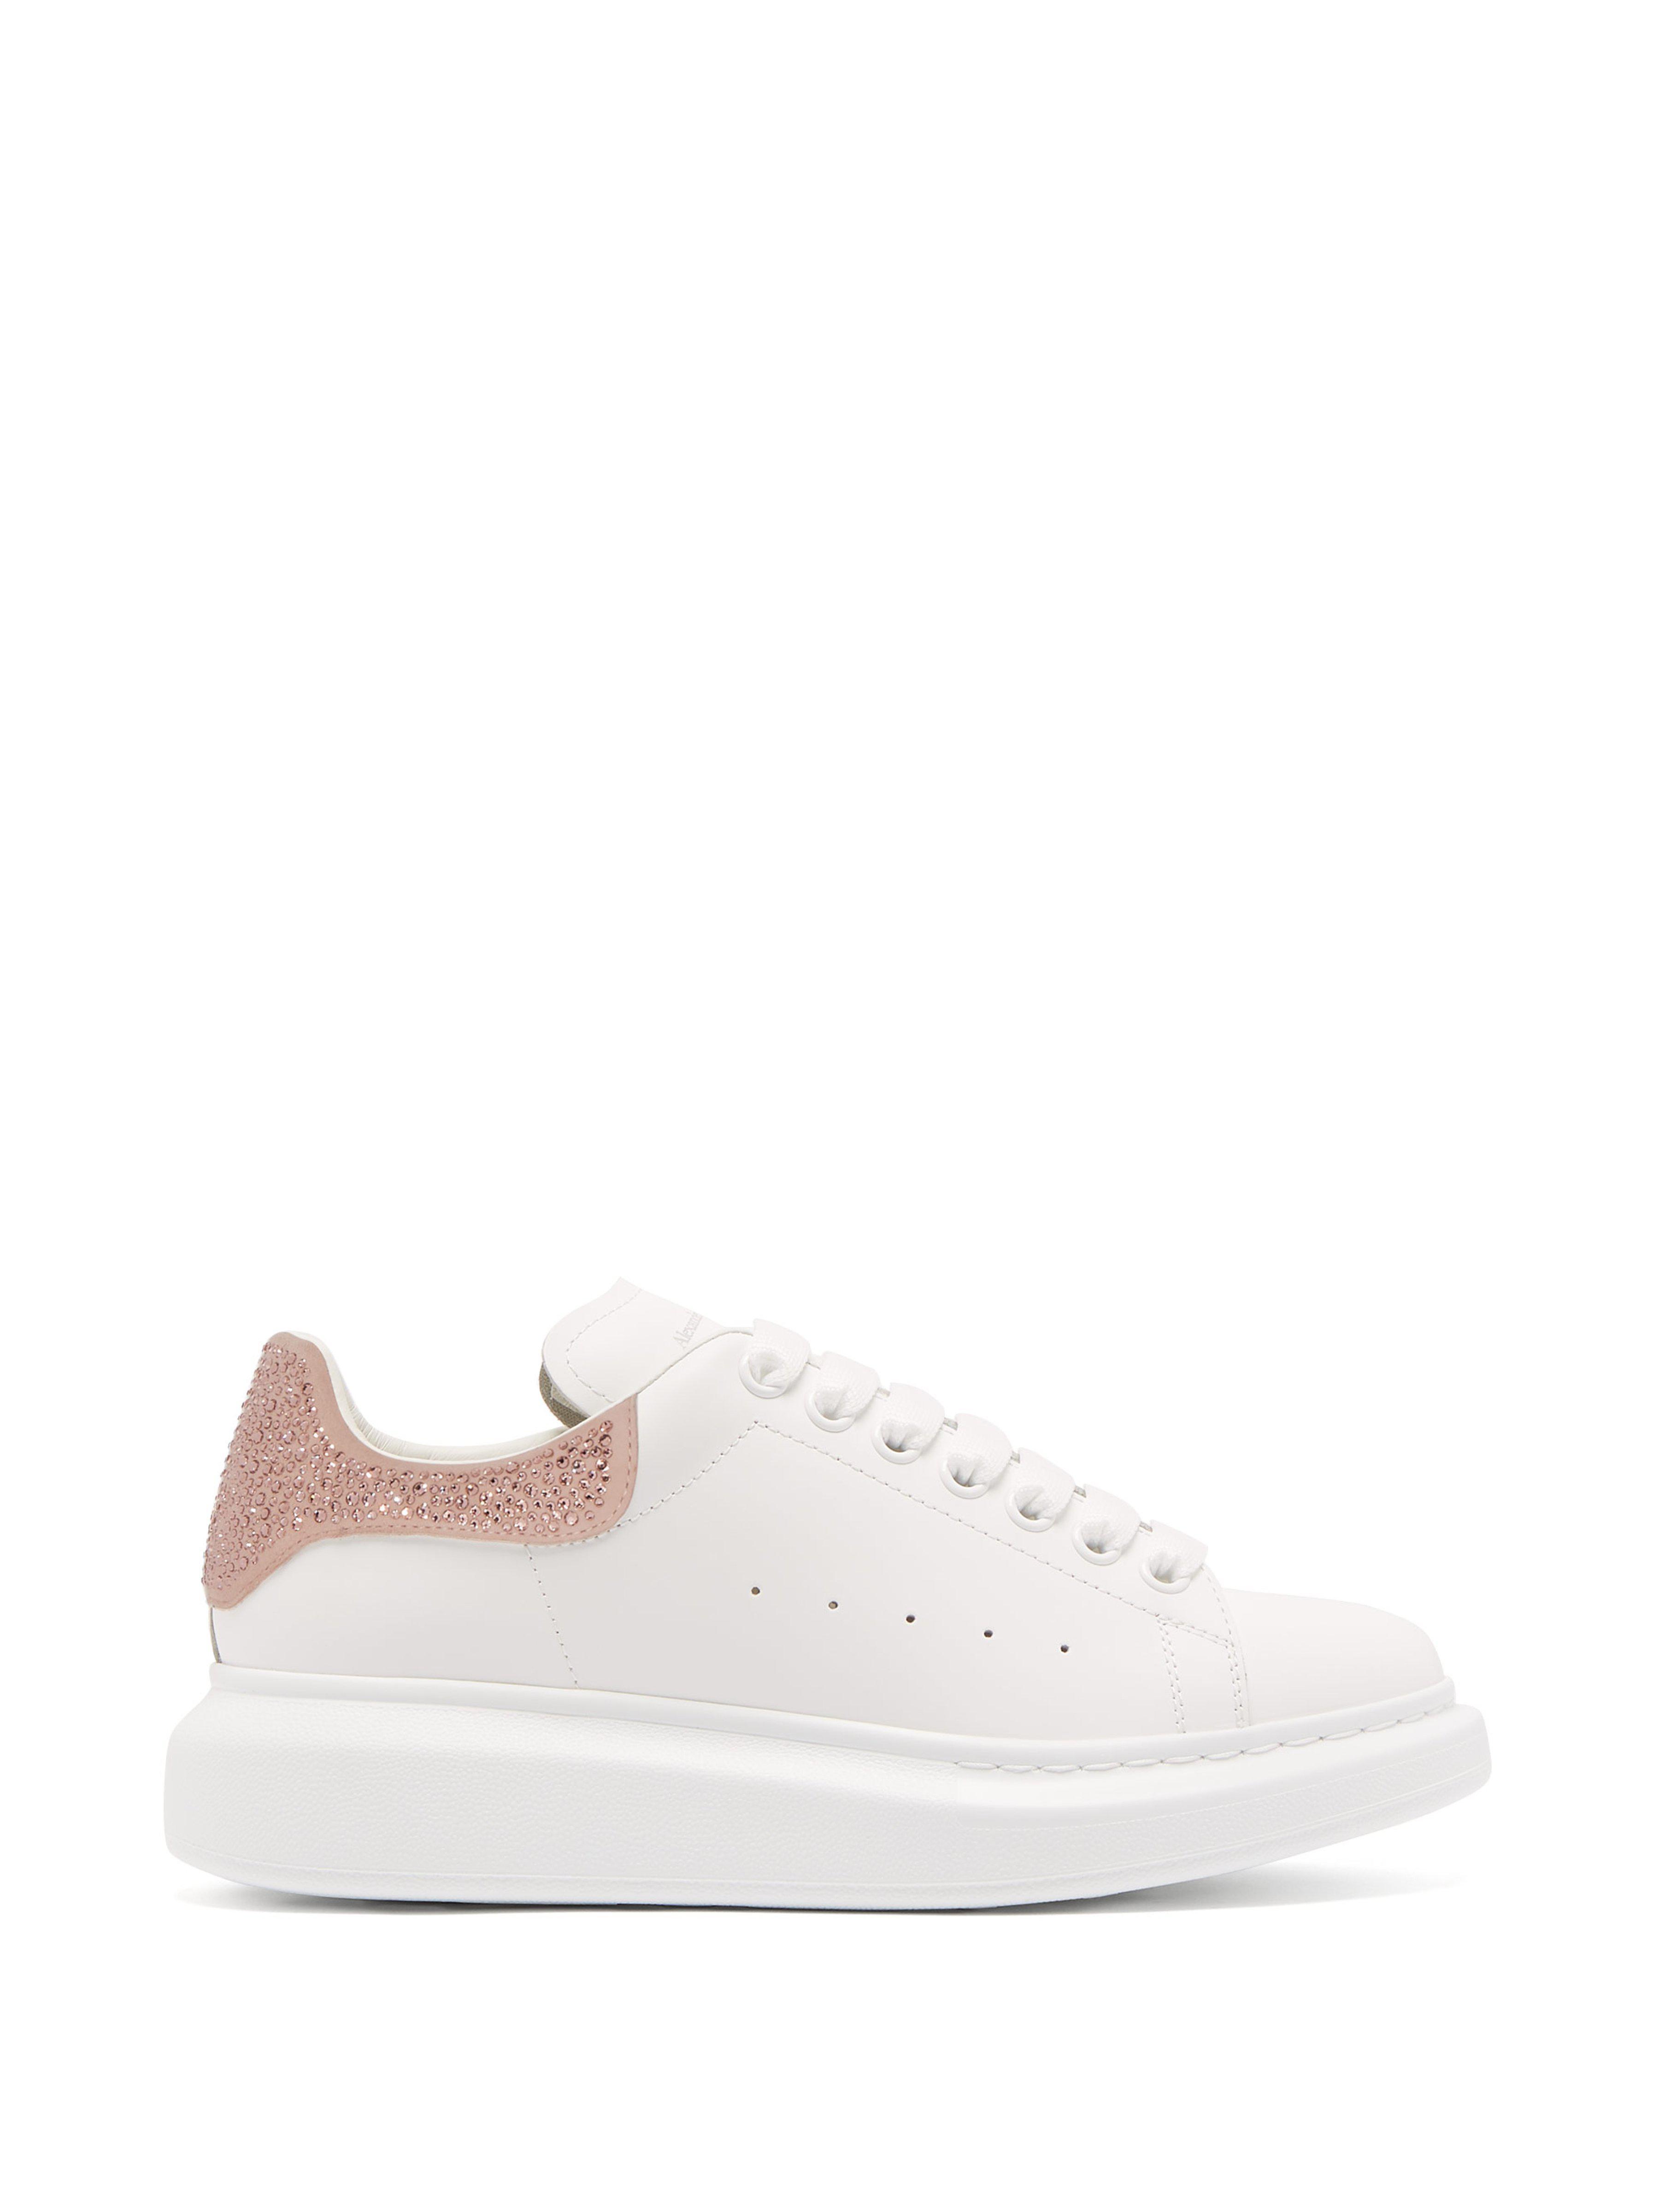 Lyst - Baskets basses en cuir blanc à ornement Alexander McQueen en ... c0d14e075a9